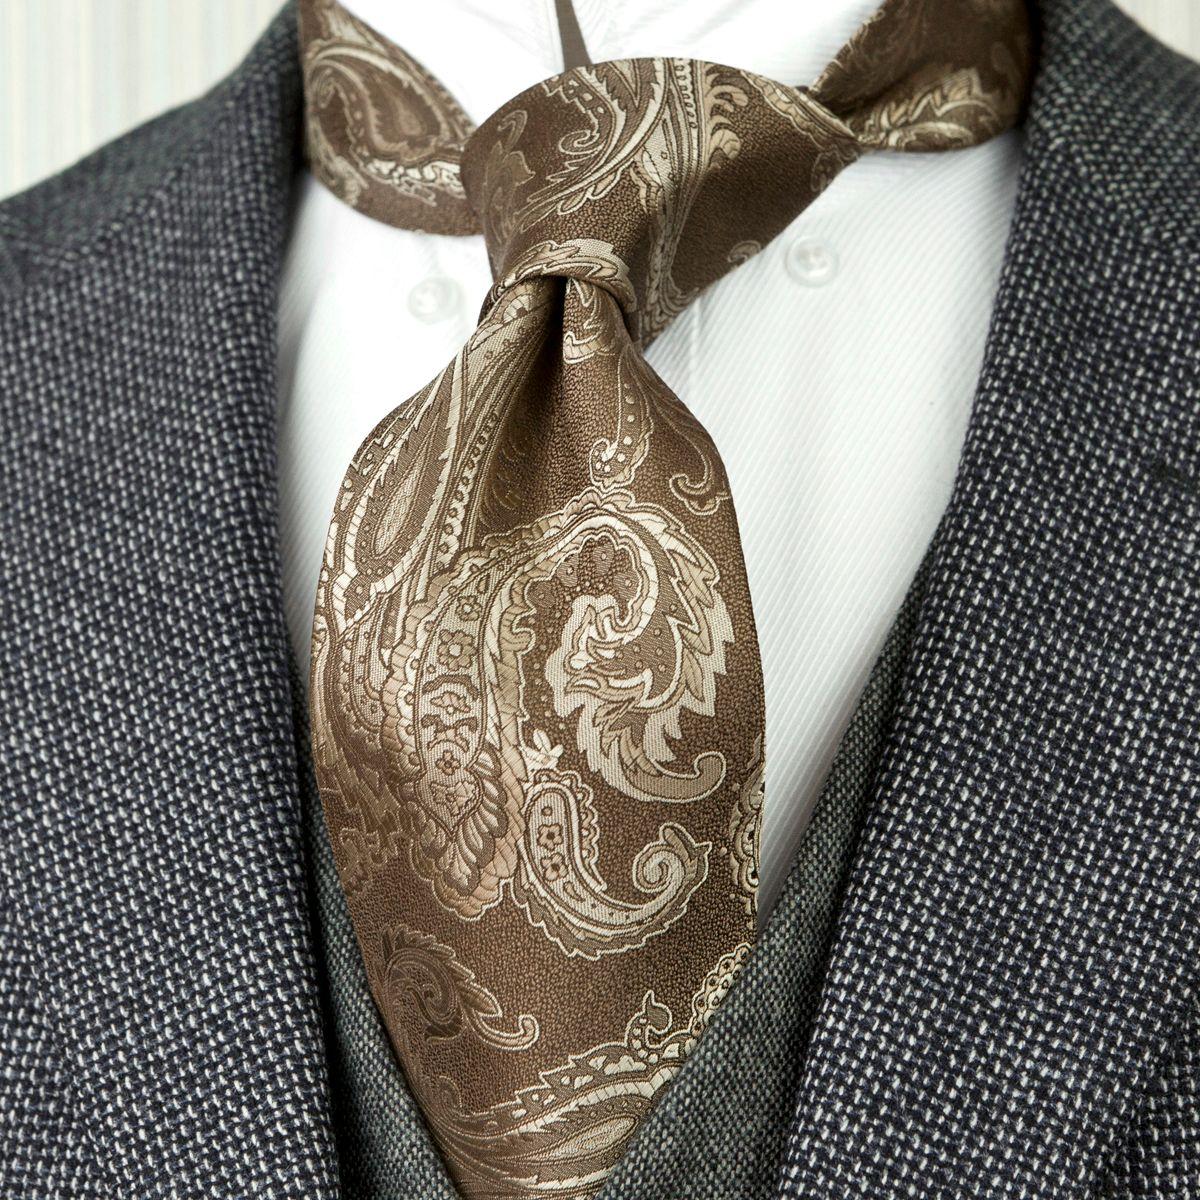 Оптовая F3 Paisley Коричневый Карамель Camel Мужские Галстуки Галстуки 100% Silk Jacquard Woven Новая бесплатная доставка моды костюм подарков для мужчин Повседневный